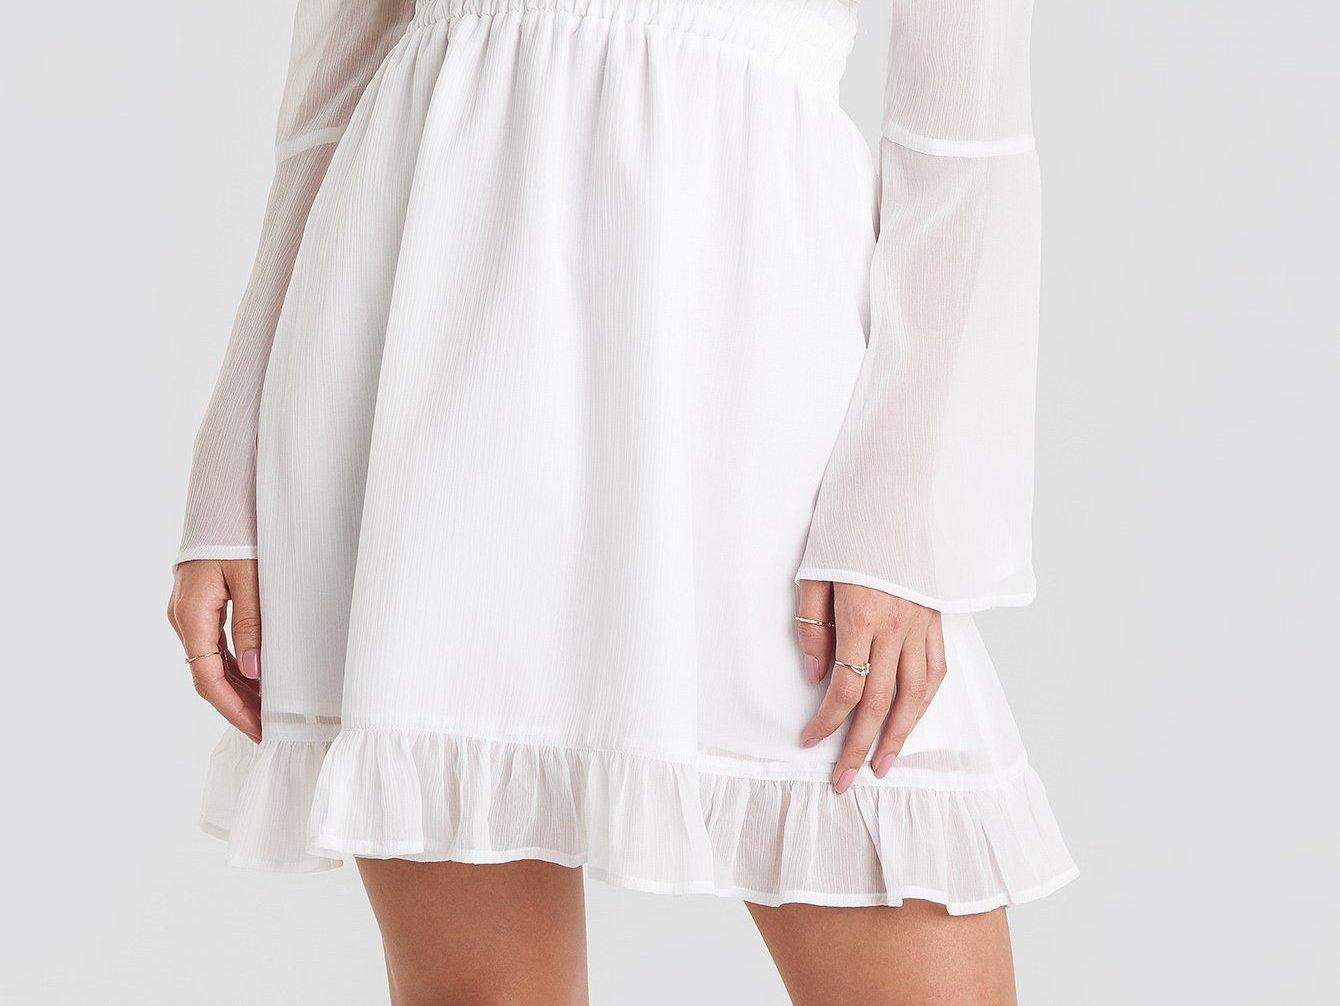 Letnie sukienki: zadaj szyku w kreacji o długości mini